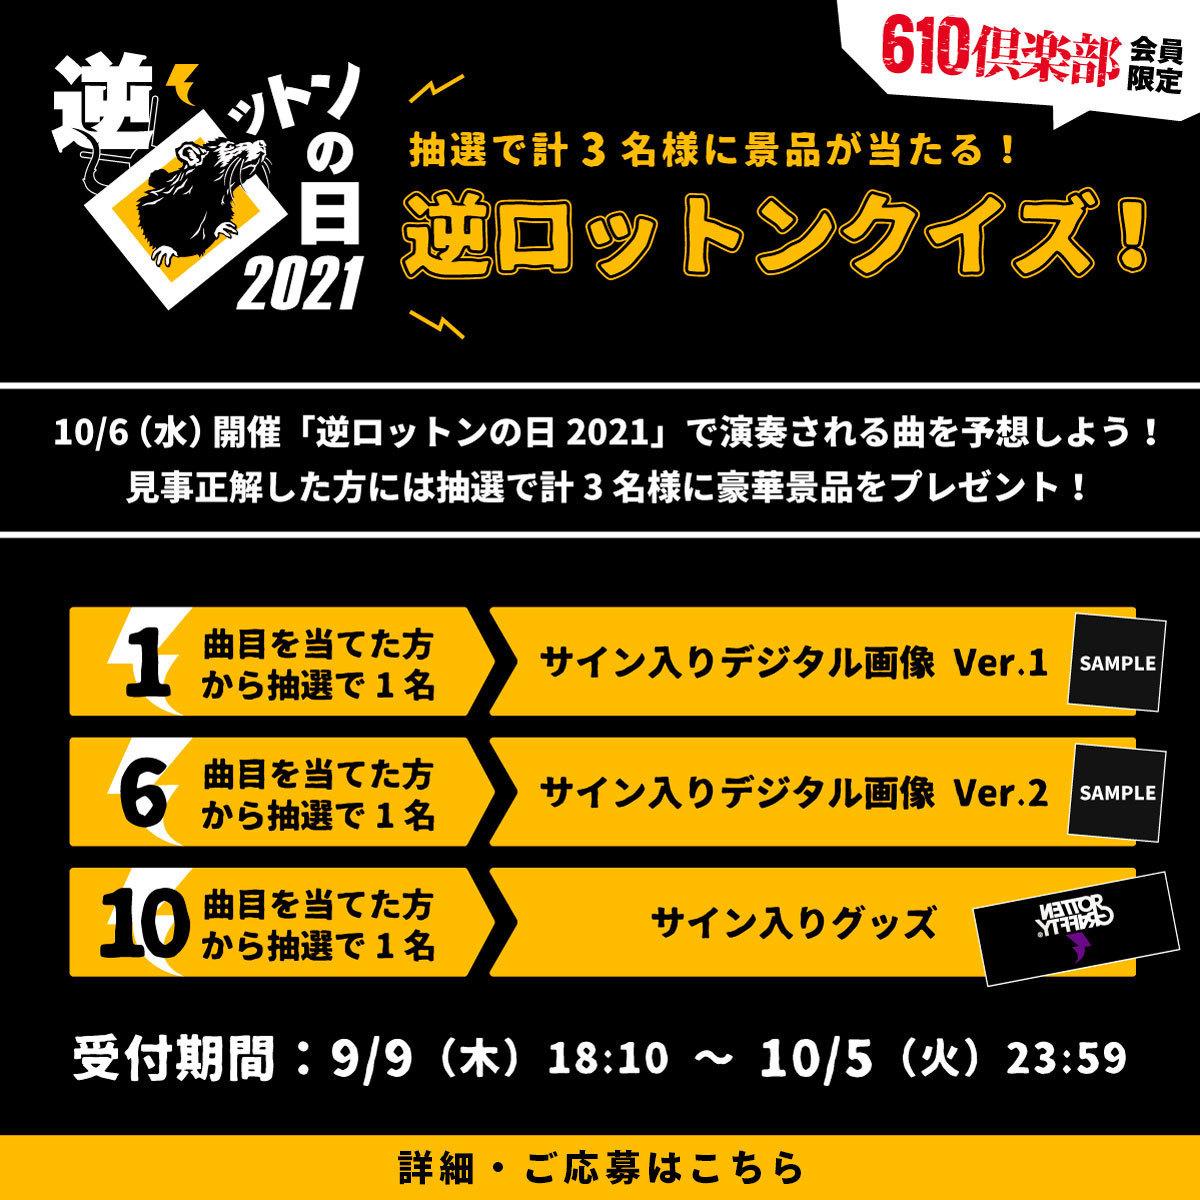 【610倶楽部限定】初の「逆ロットンクイズ!」実施決定!